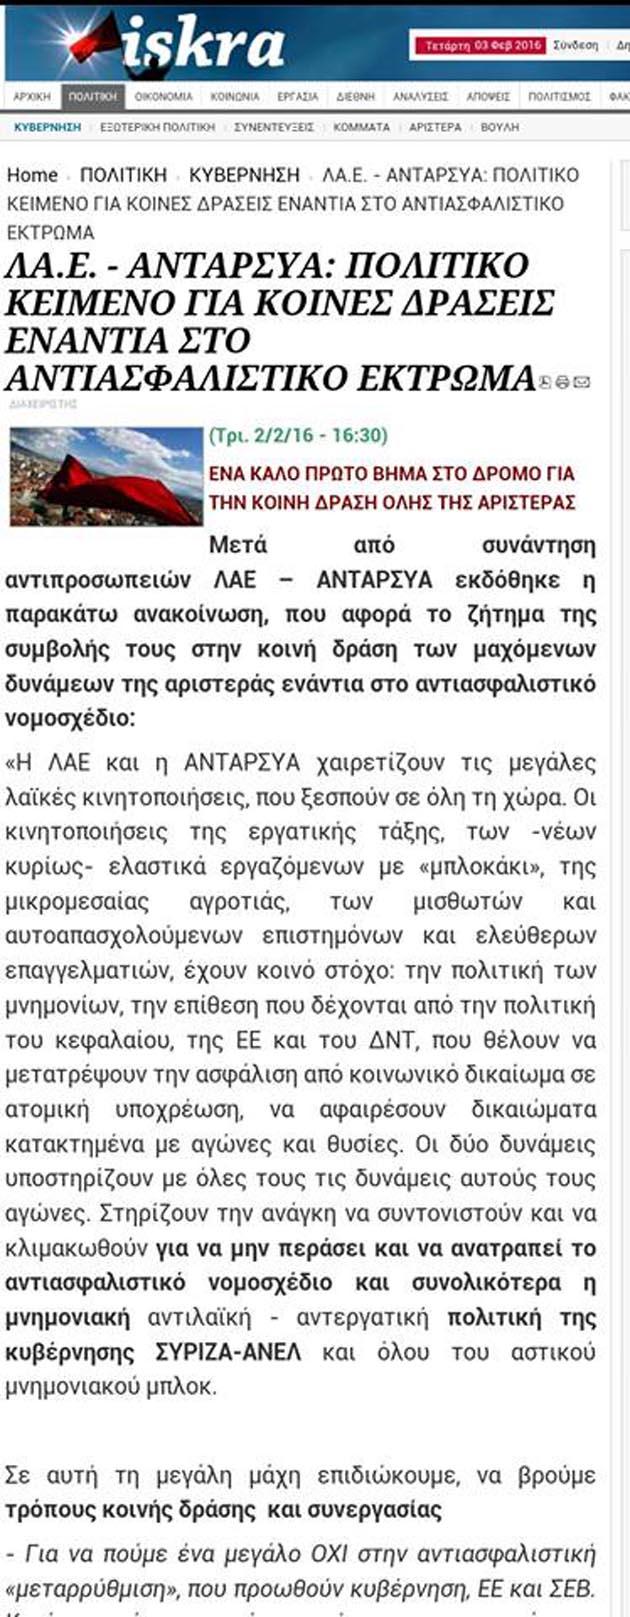 Οἱ soro-πράκτορες ἀκόμη μᾶς κυβερνοῦν!!!1